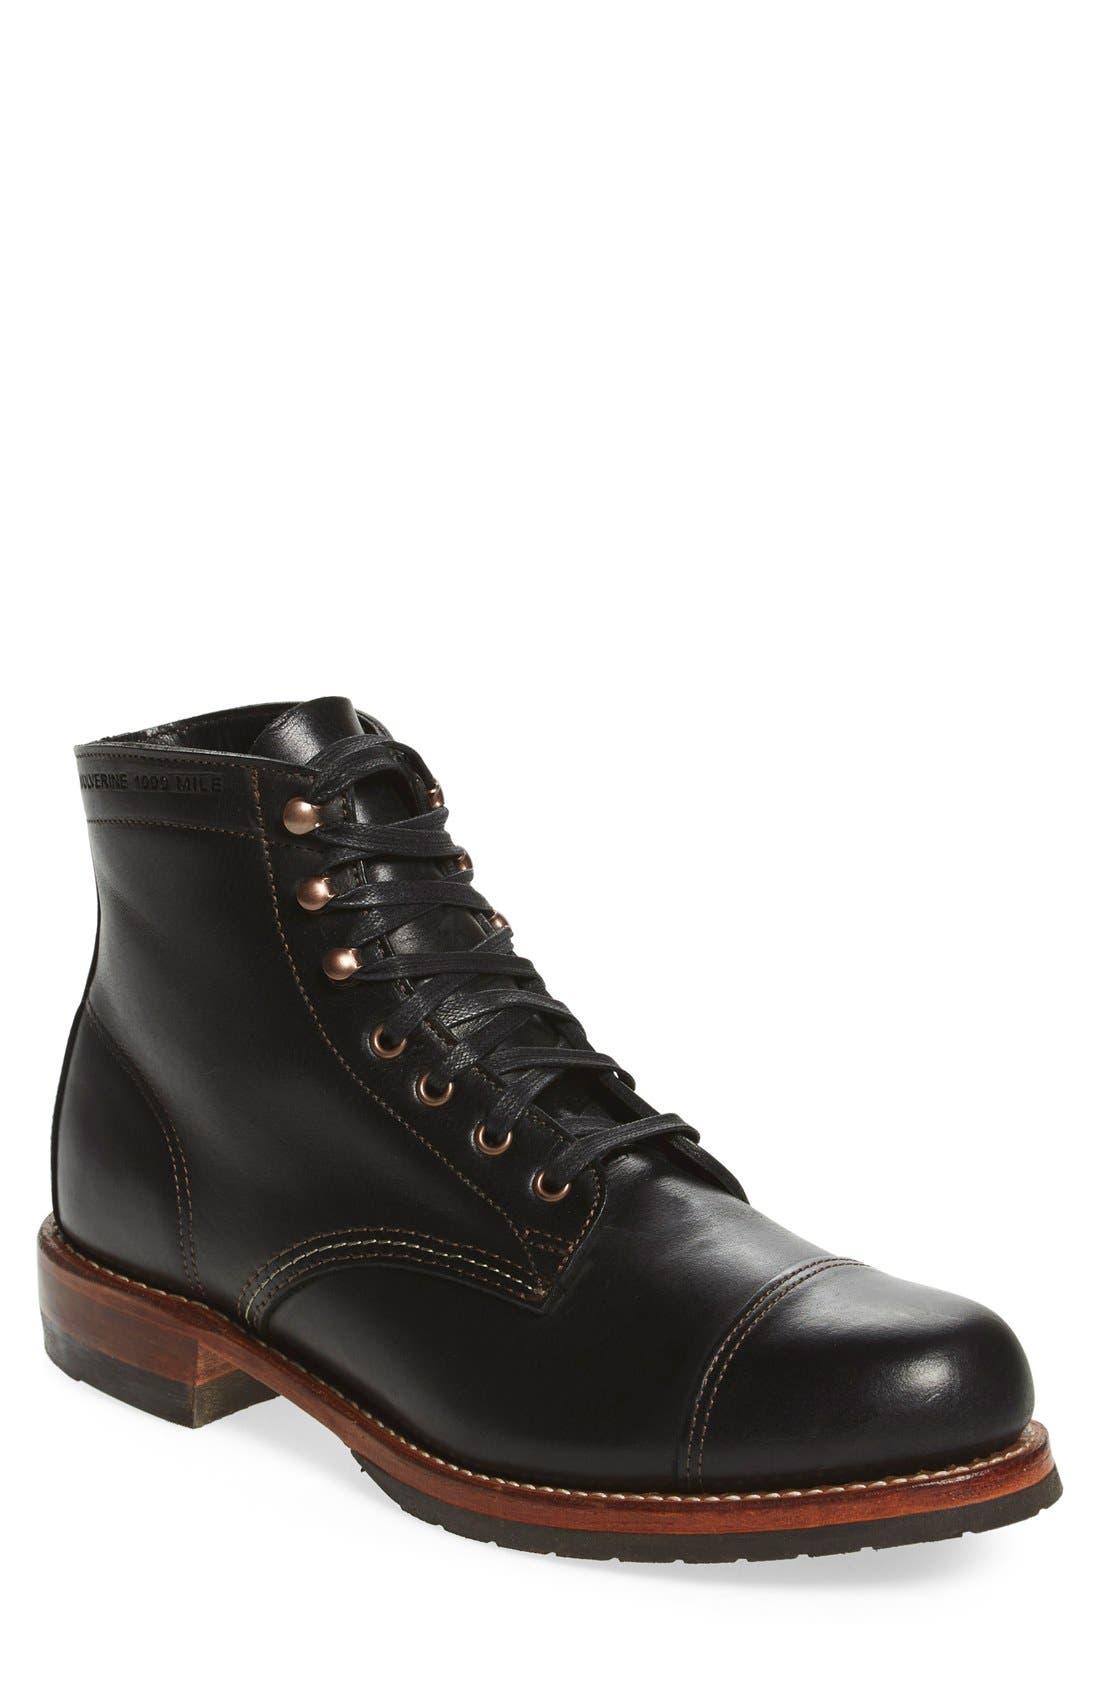 'Adrian' Cap Toe Boot,                             Main thumbnail 1, color,                             001